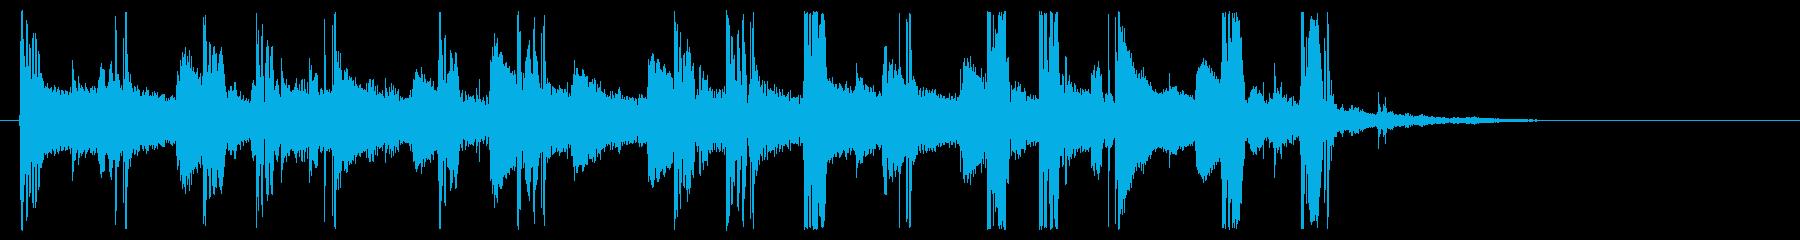 15秒の再生済みの波形